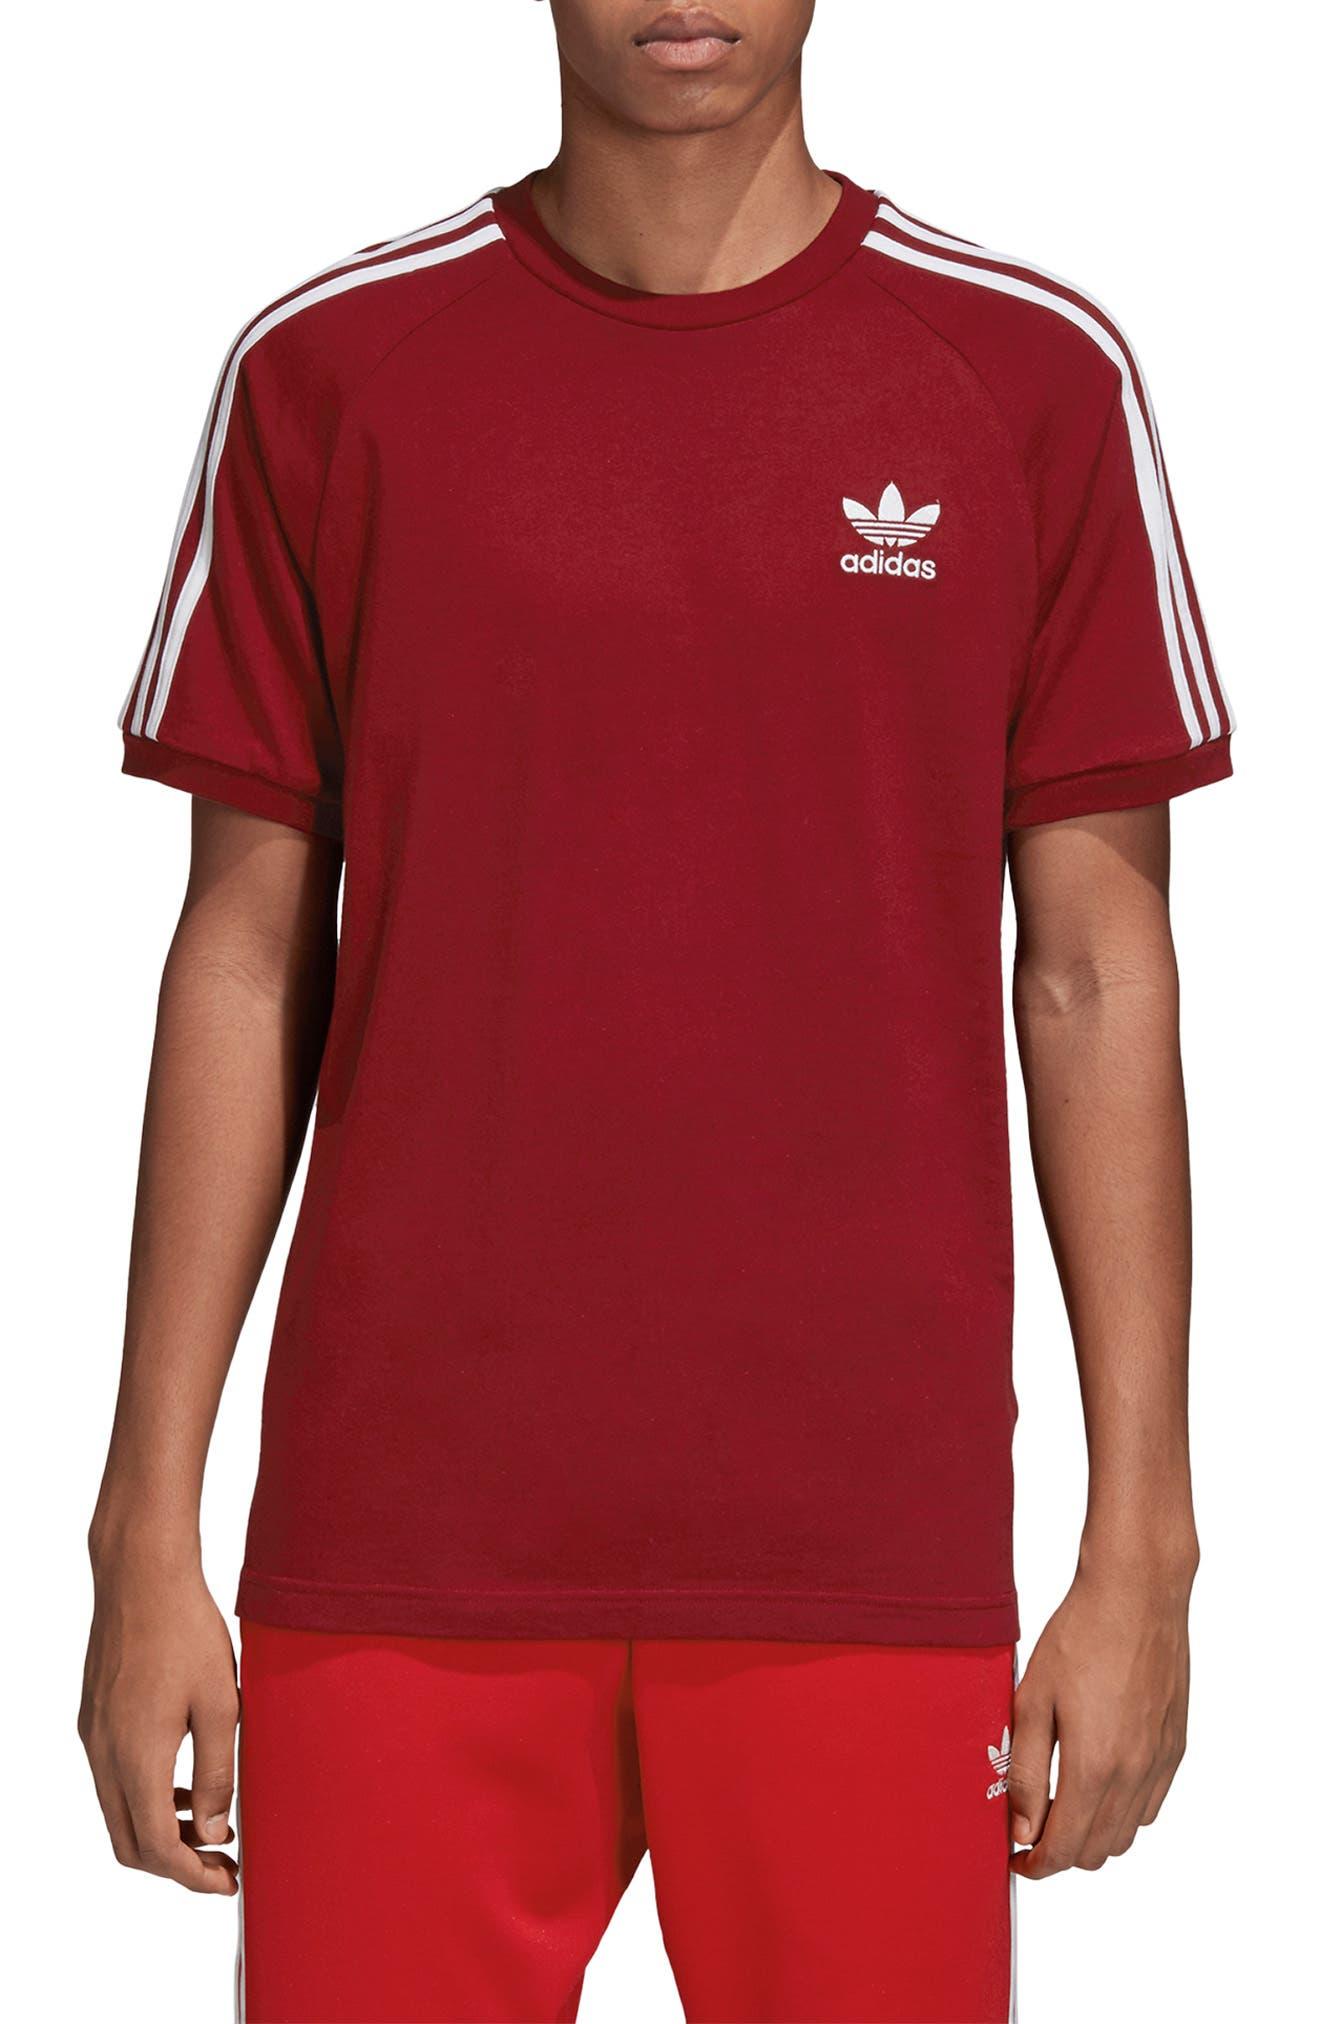 Adidas Originals 3-Stripes T-Shirt, Burgundy